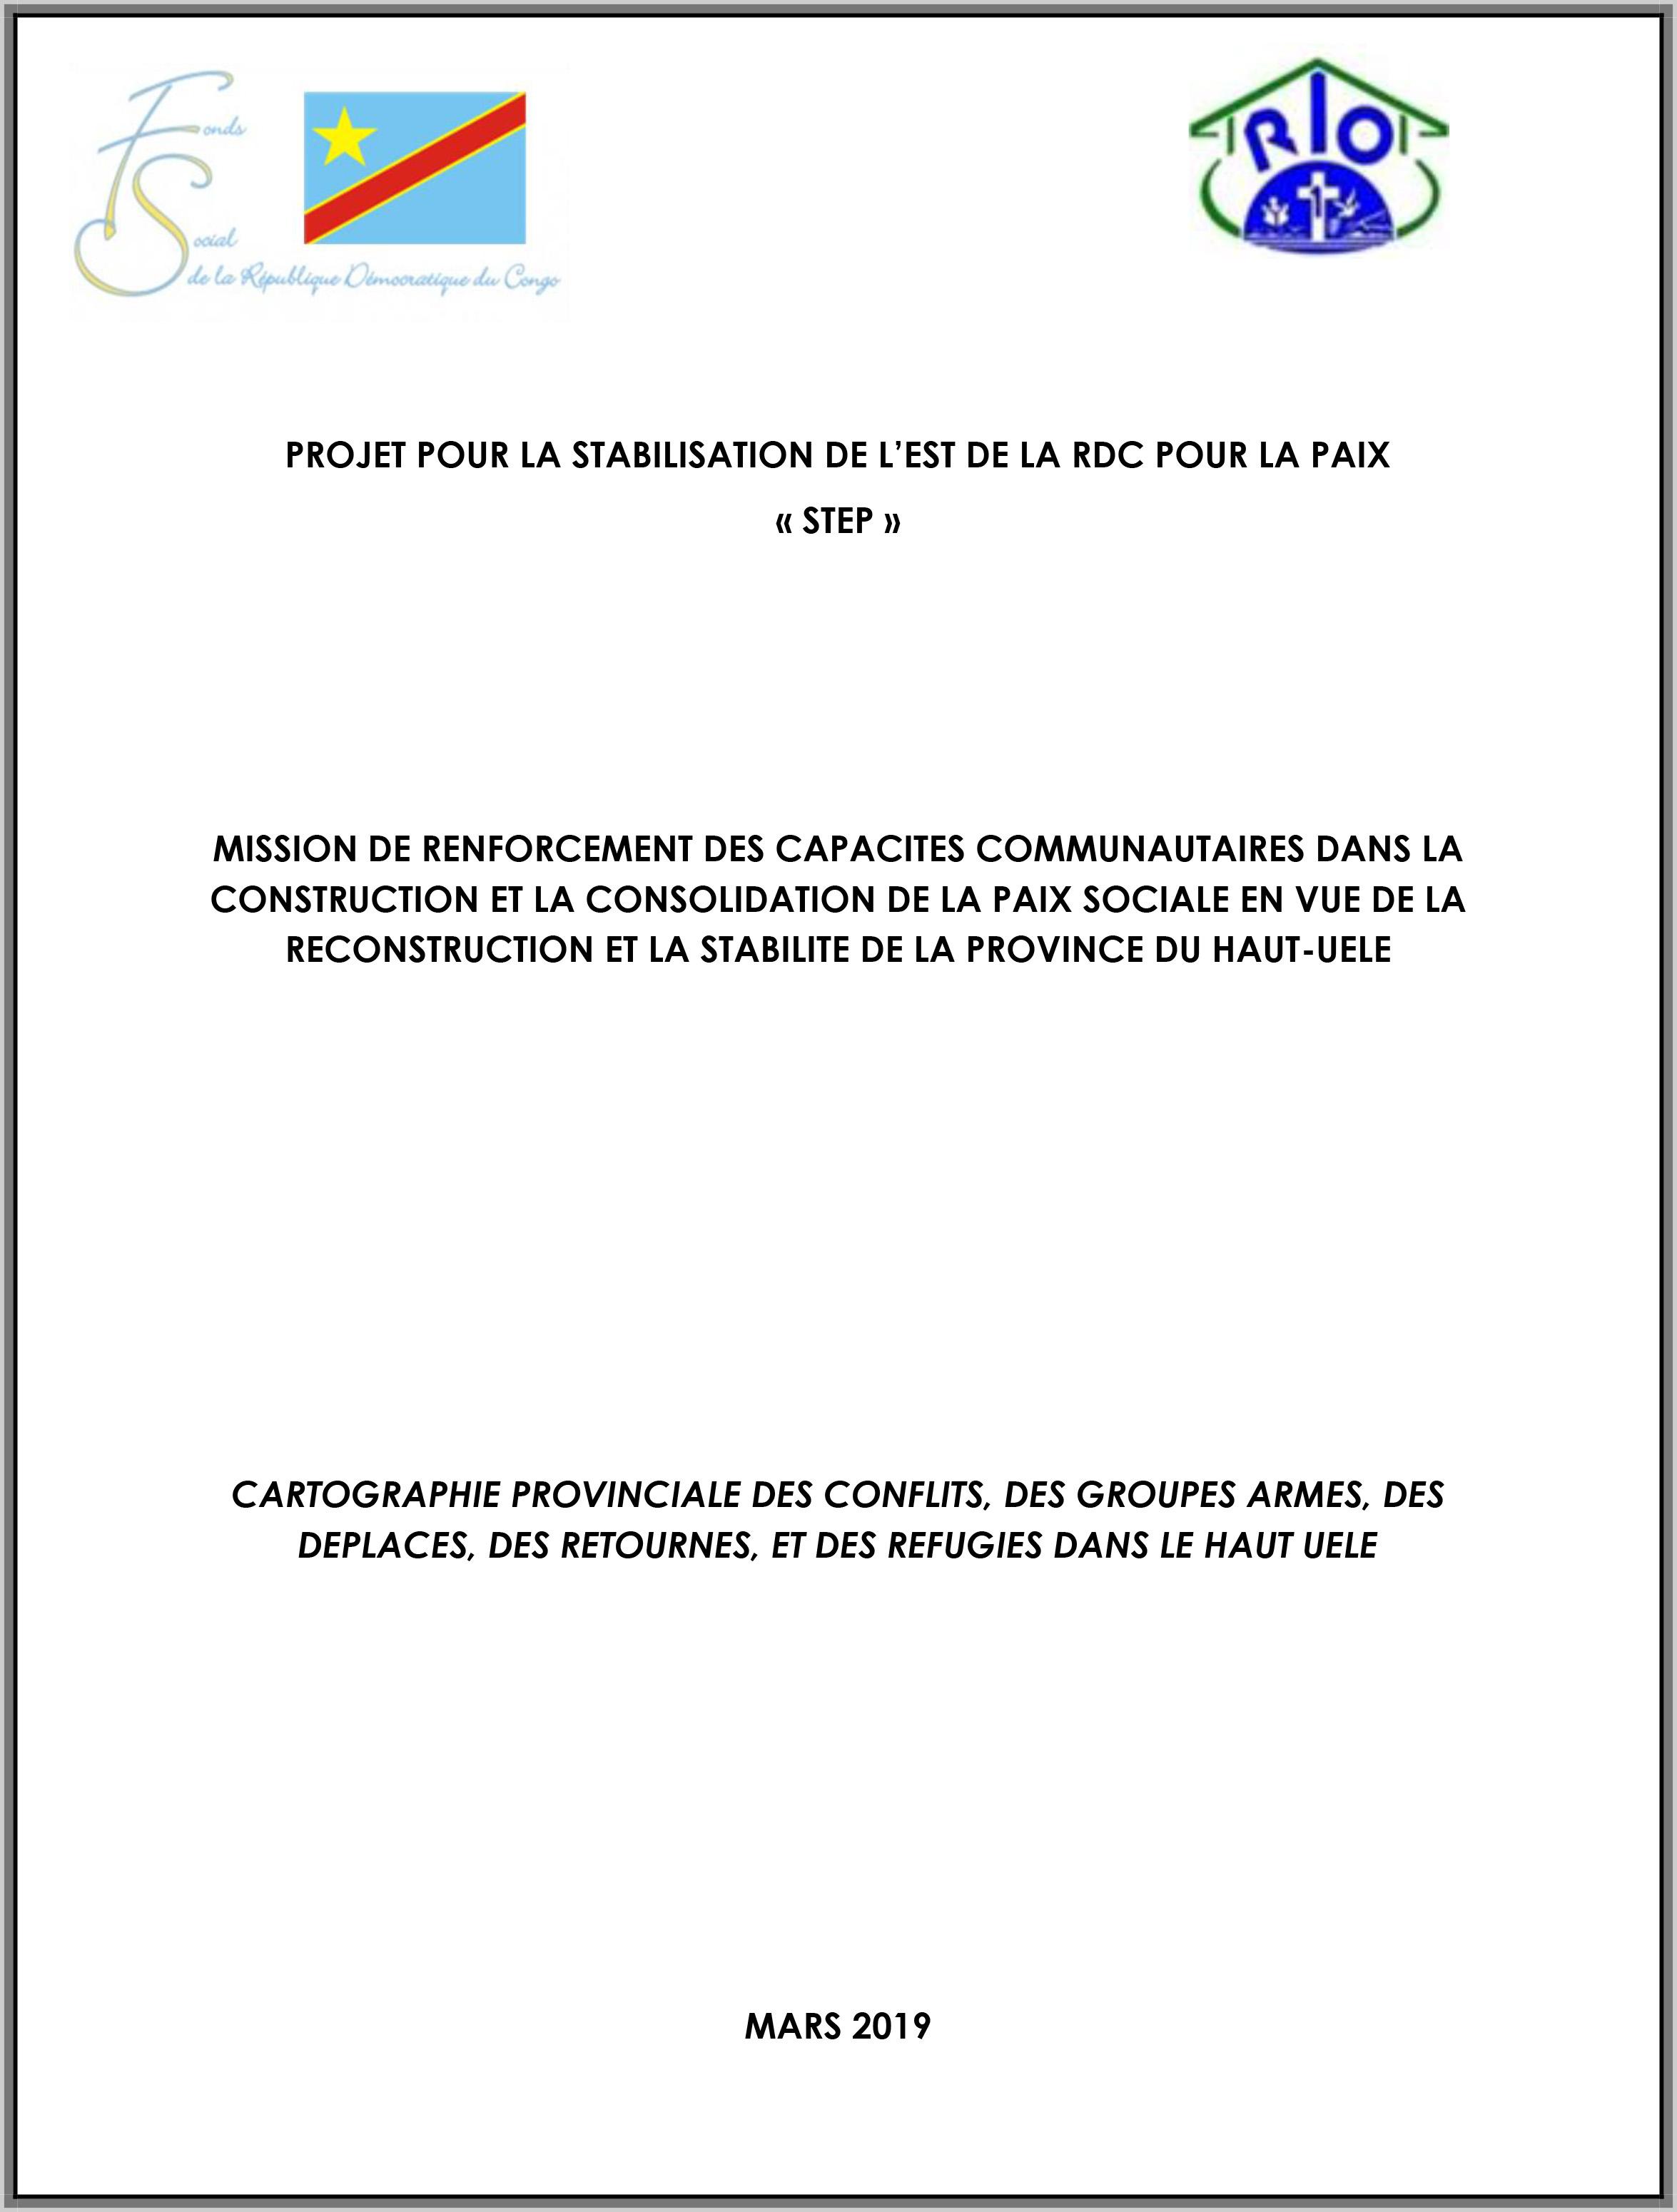 MISSION DE RENFORCEMENT DES CAPACITES COMMUNAUTAIRES DANS LA CONSTRUCTION ET LA CONSOLIDATION DE LA PAIX SOCIALE EN VUE DE LA RECONSTRUCTION ET LA STABILITE DE LA PROVINCE DU HAUT-UELE